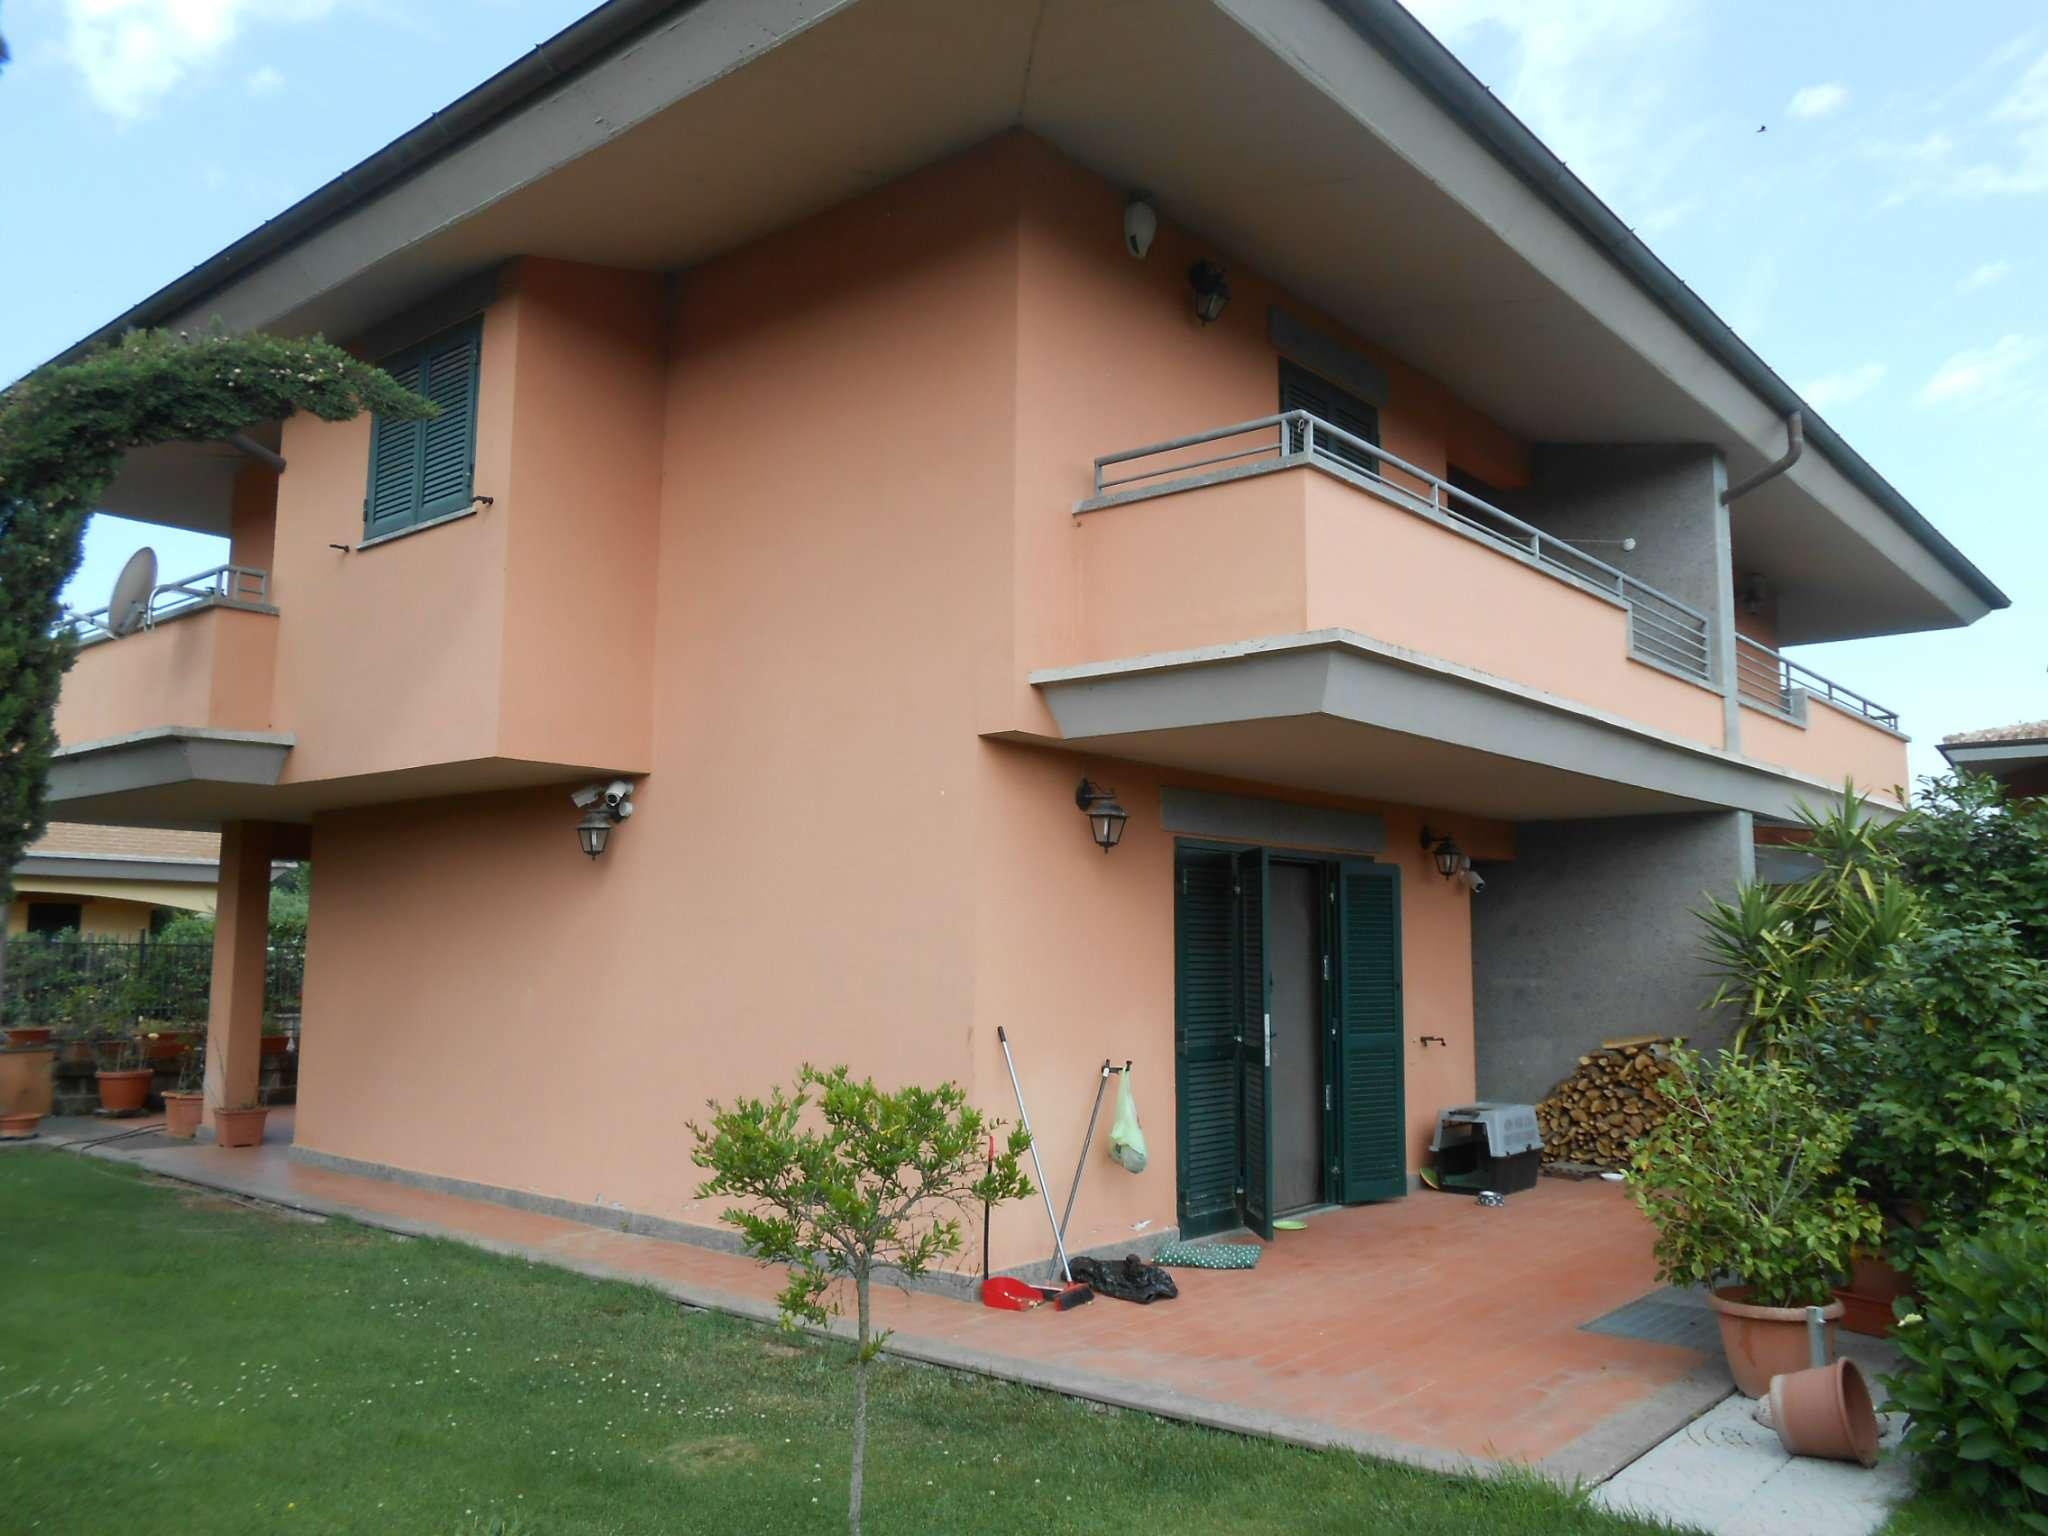 Villa Bifamiliare in vendita a Monterosi, 5 locali, prezzo € 149.000 | CambioCasa.it